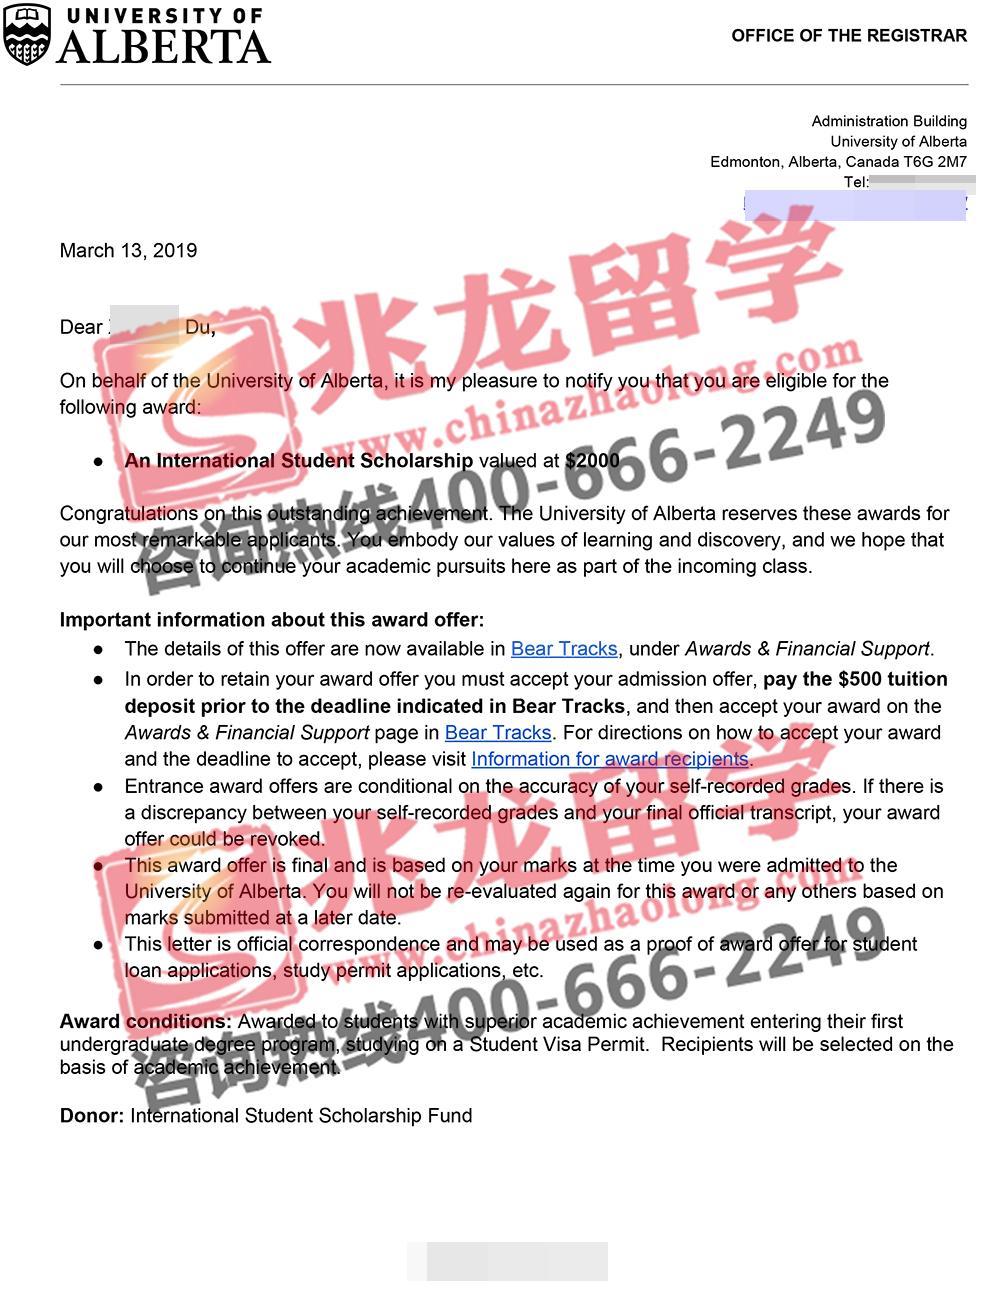 杜xinchen-阿尔伯塔大学-音乐文学本科-奖学金-2000加币-兆龙留学.jpg